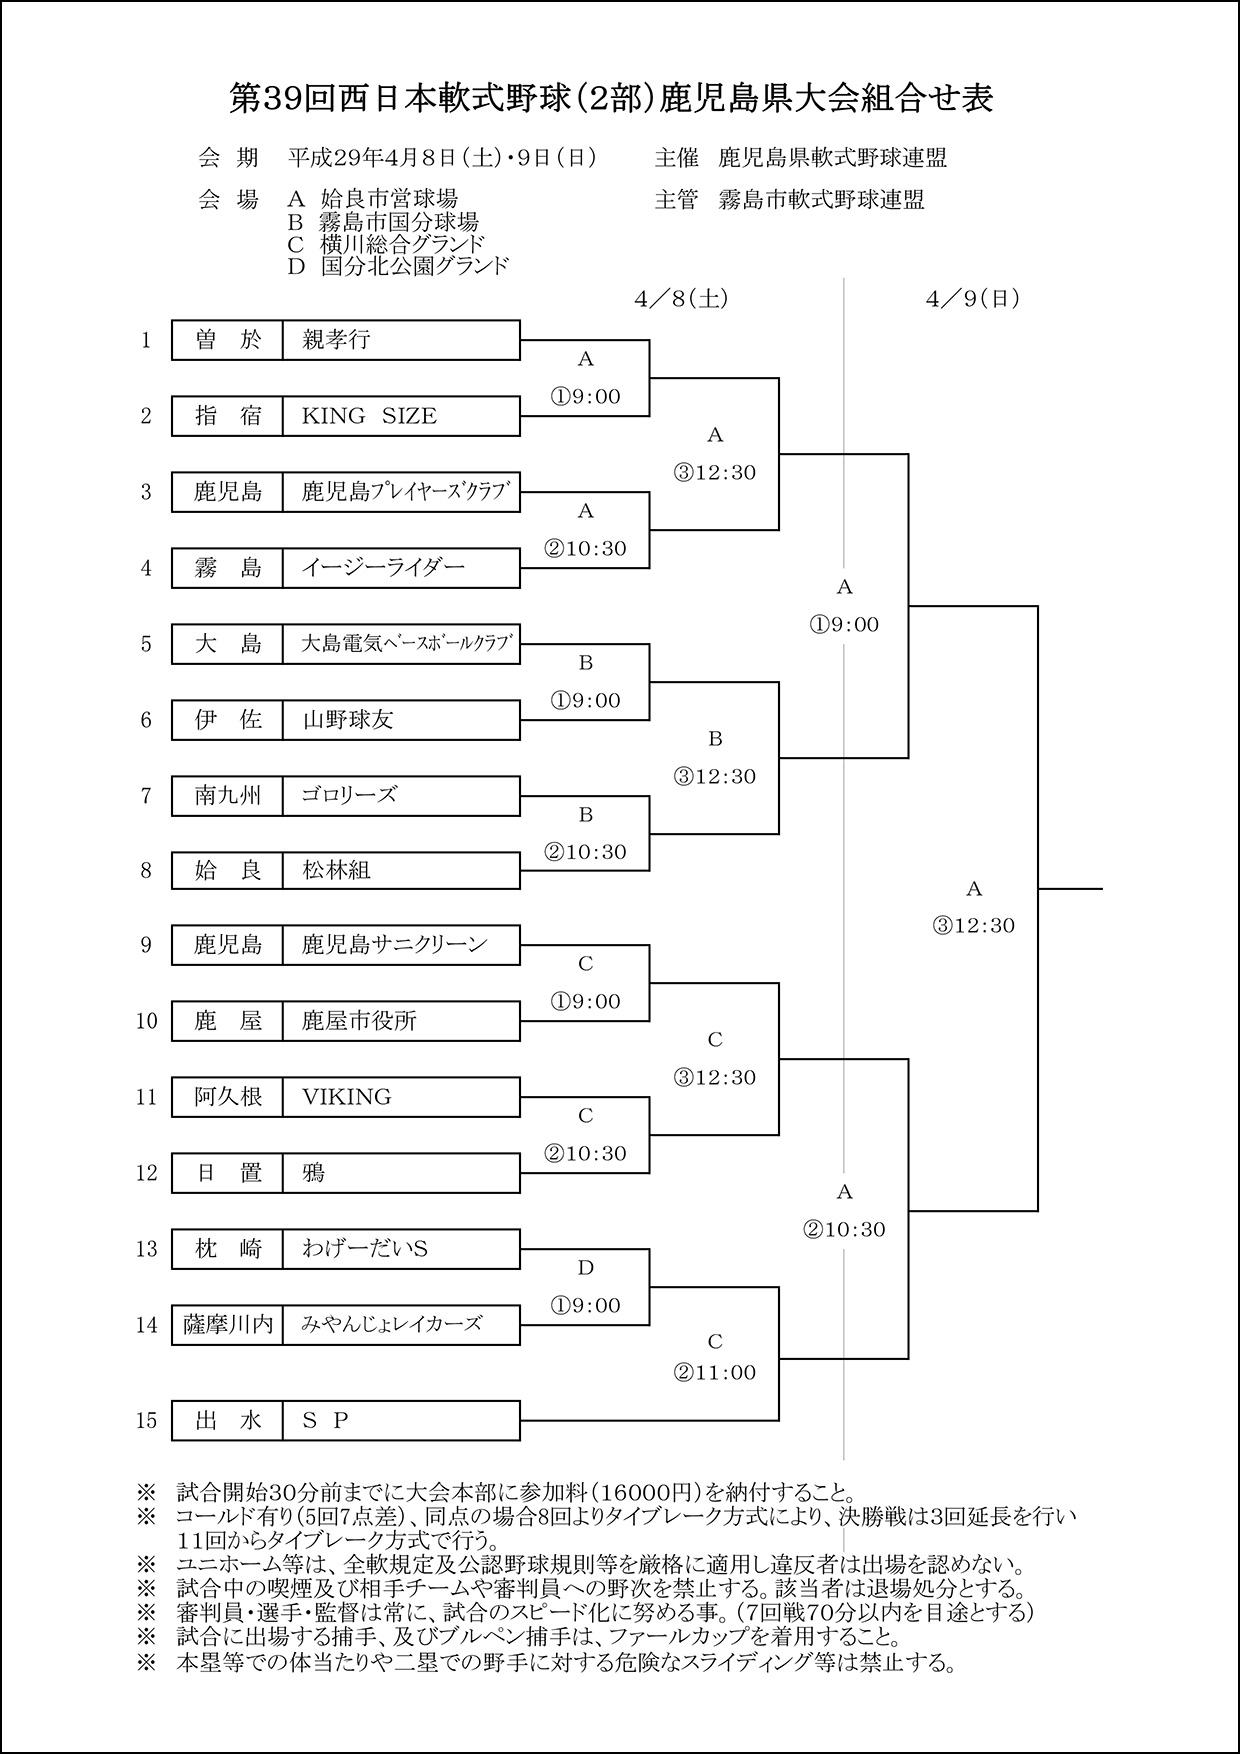 ▽【組合せ】第39回西日本軟式野球(2部)鹿児島県大会組合せ表